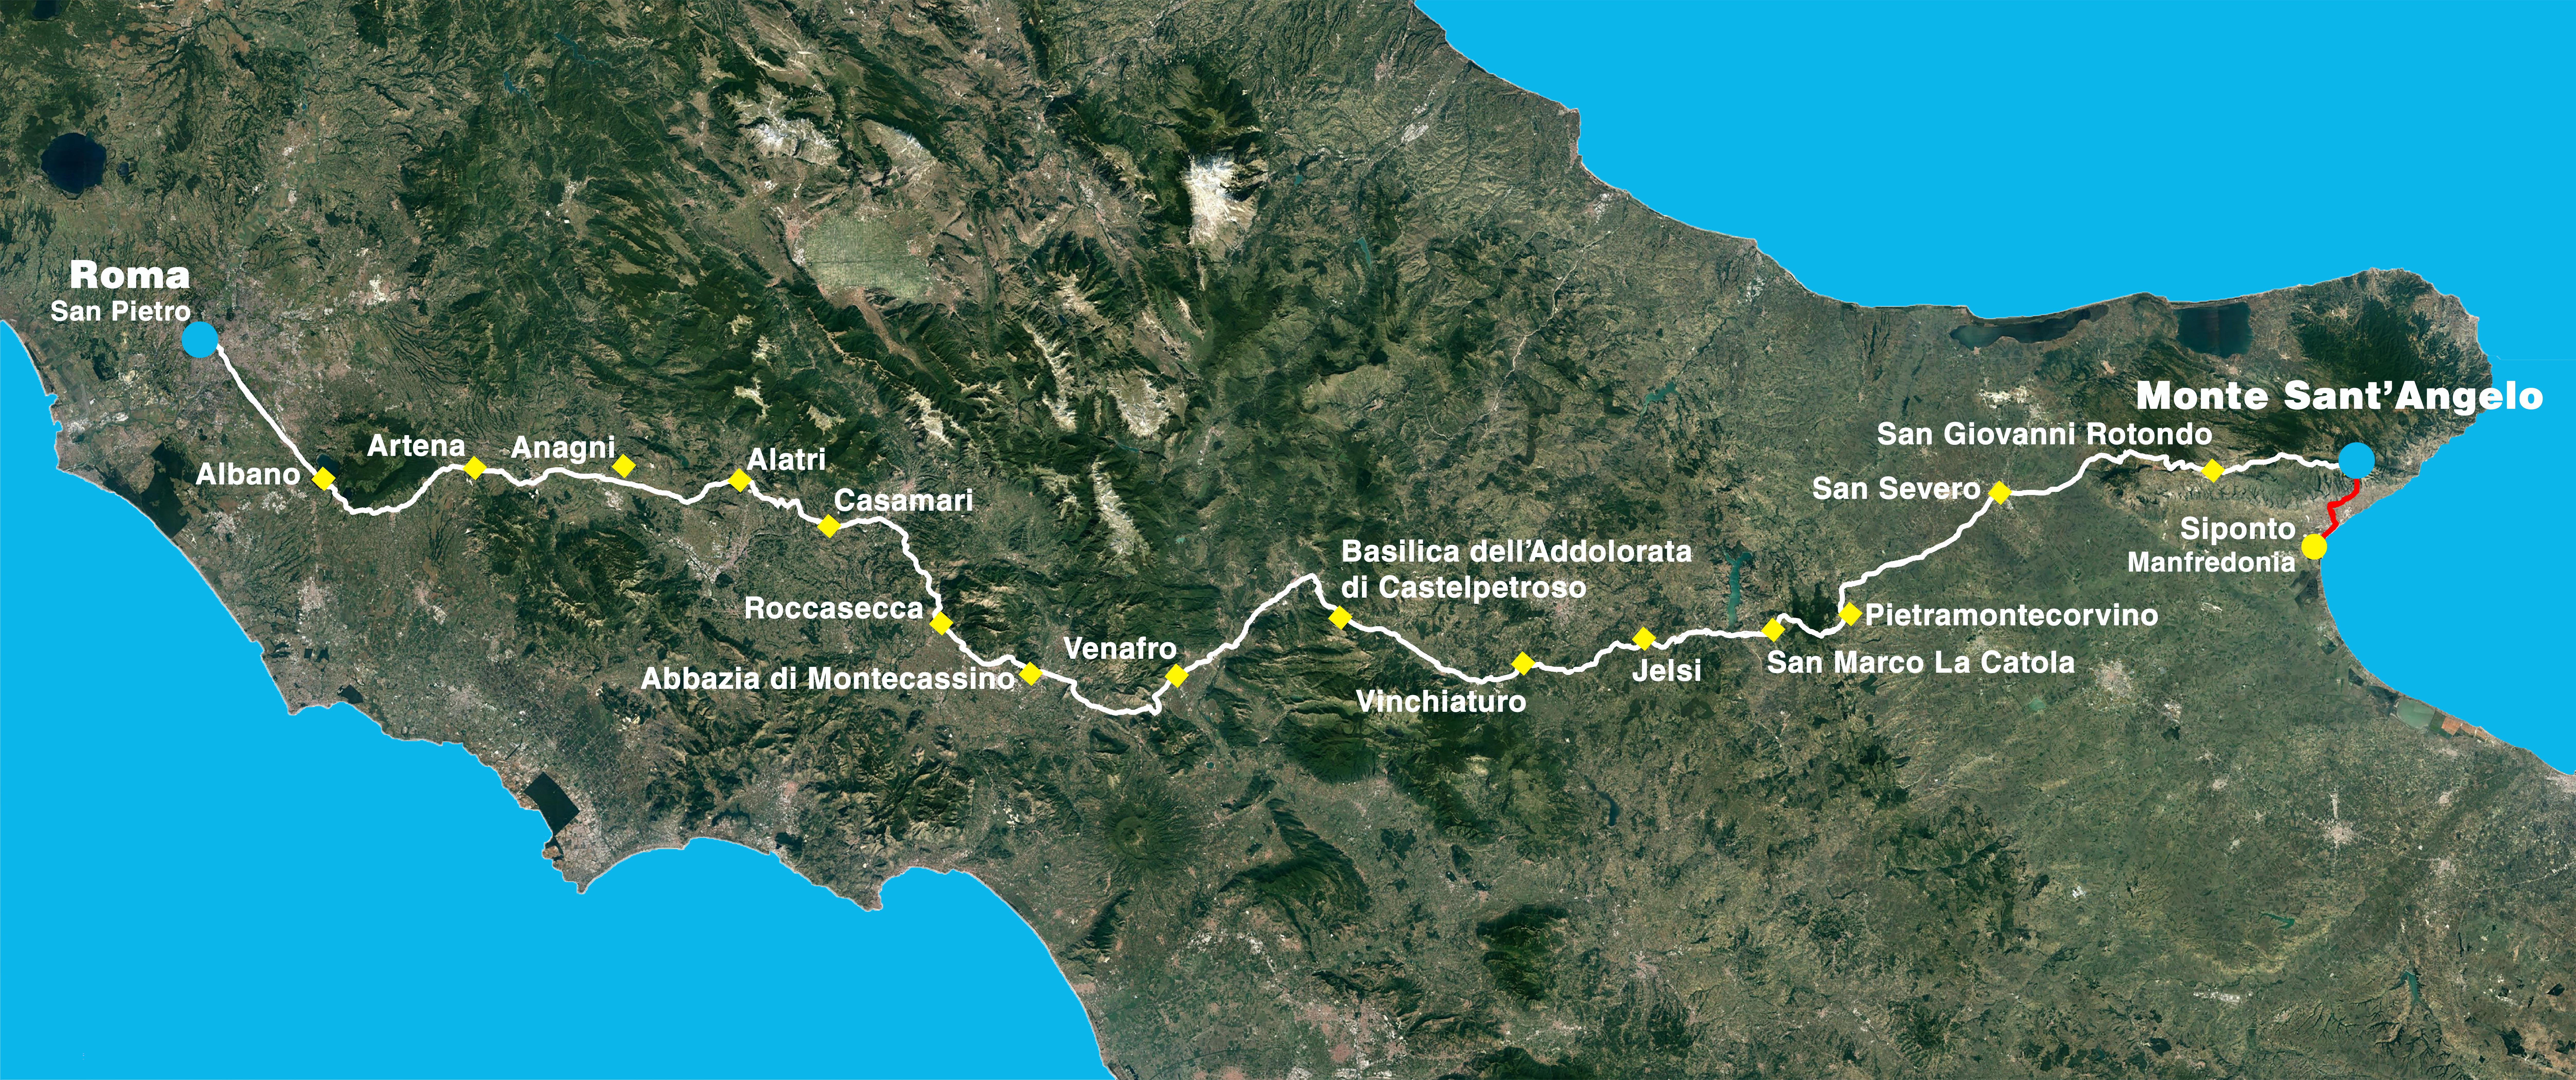 MAPPA MICAELICA